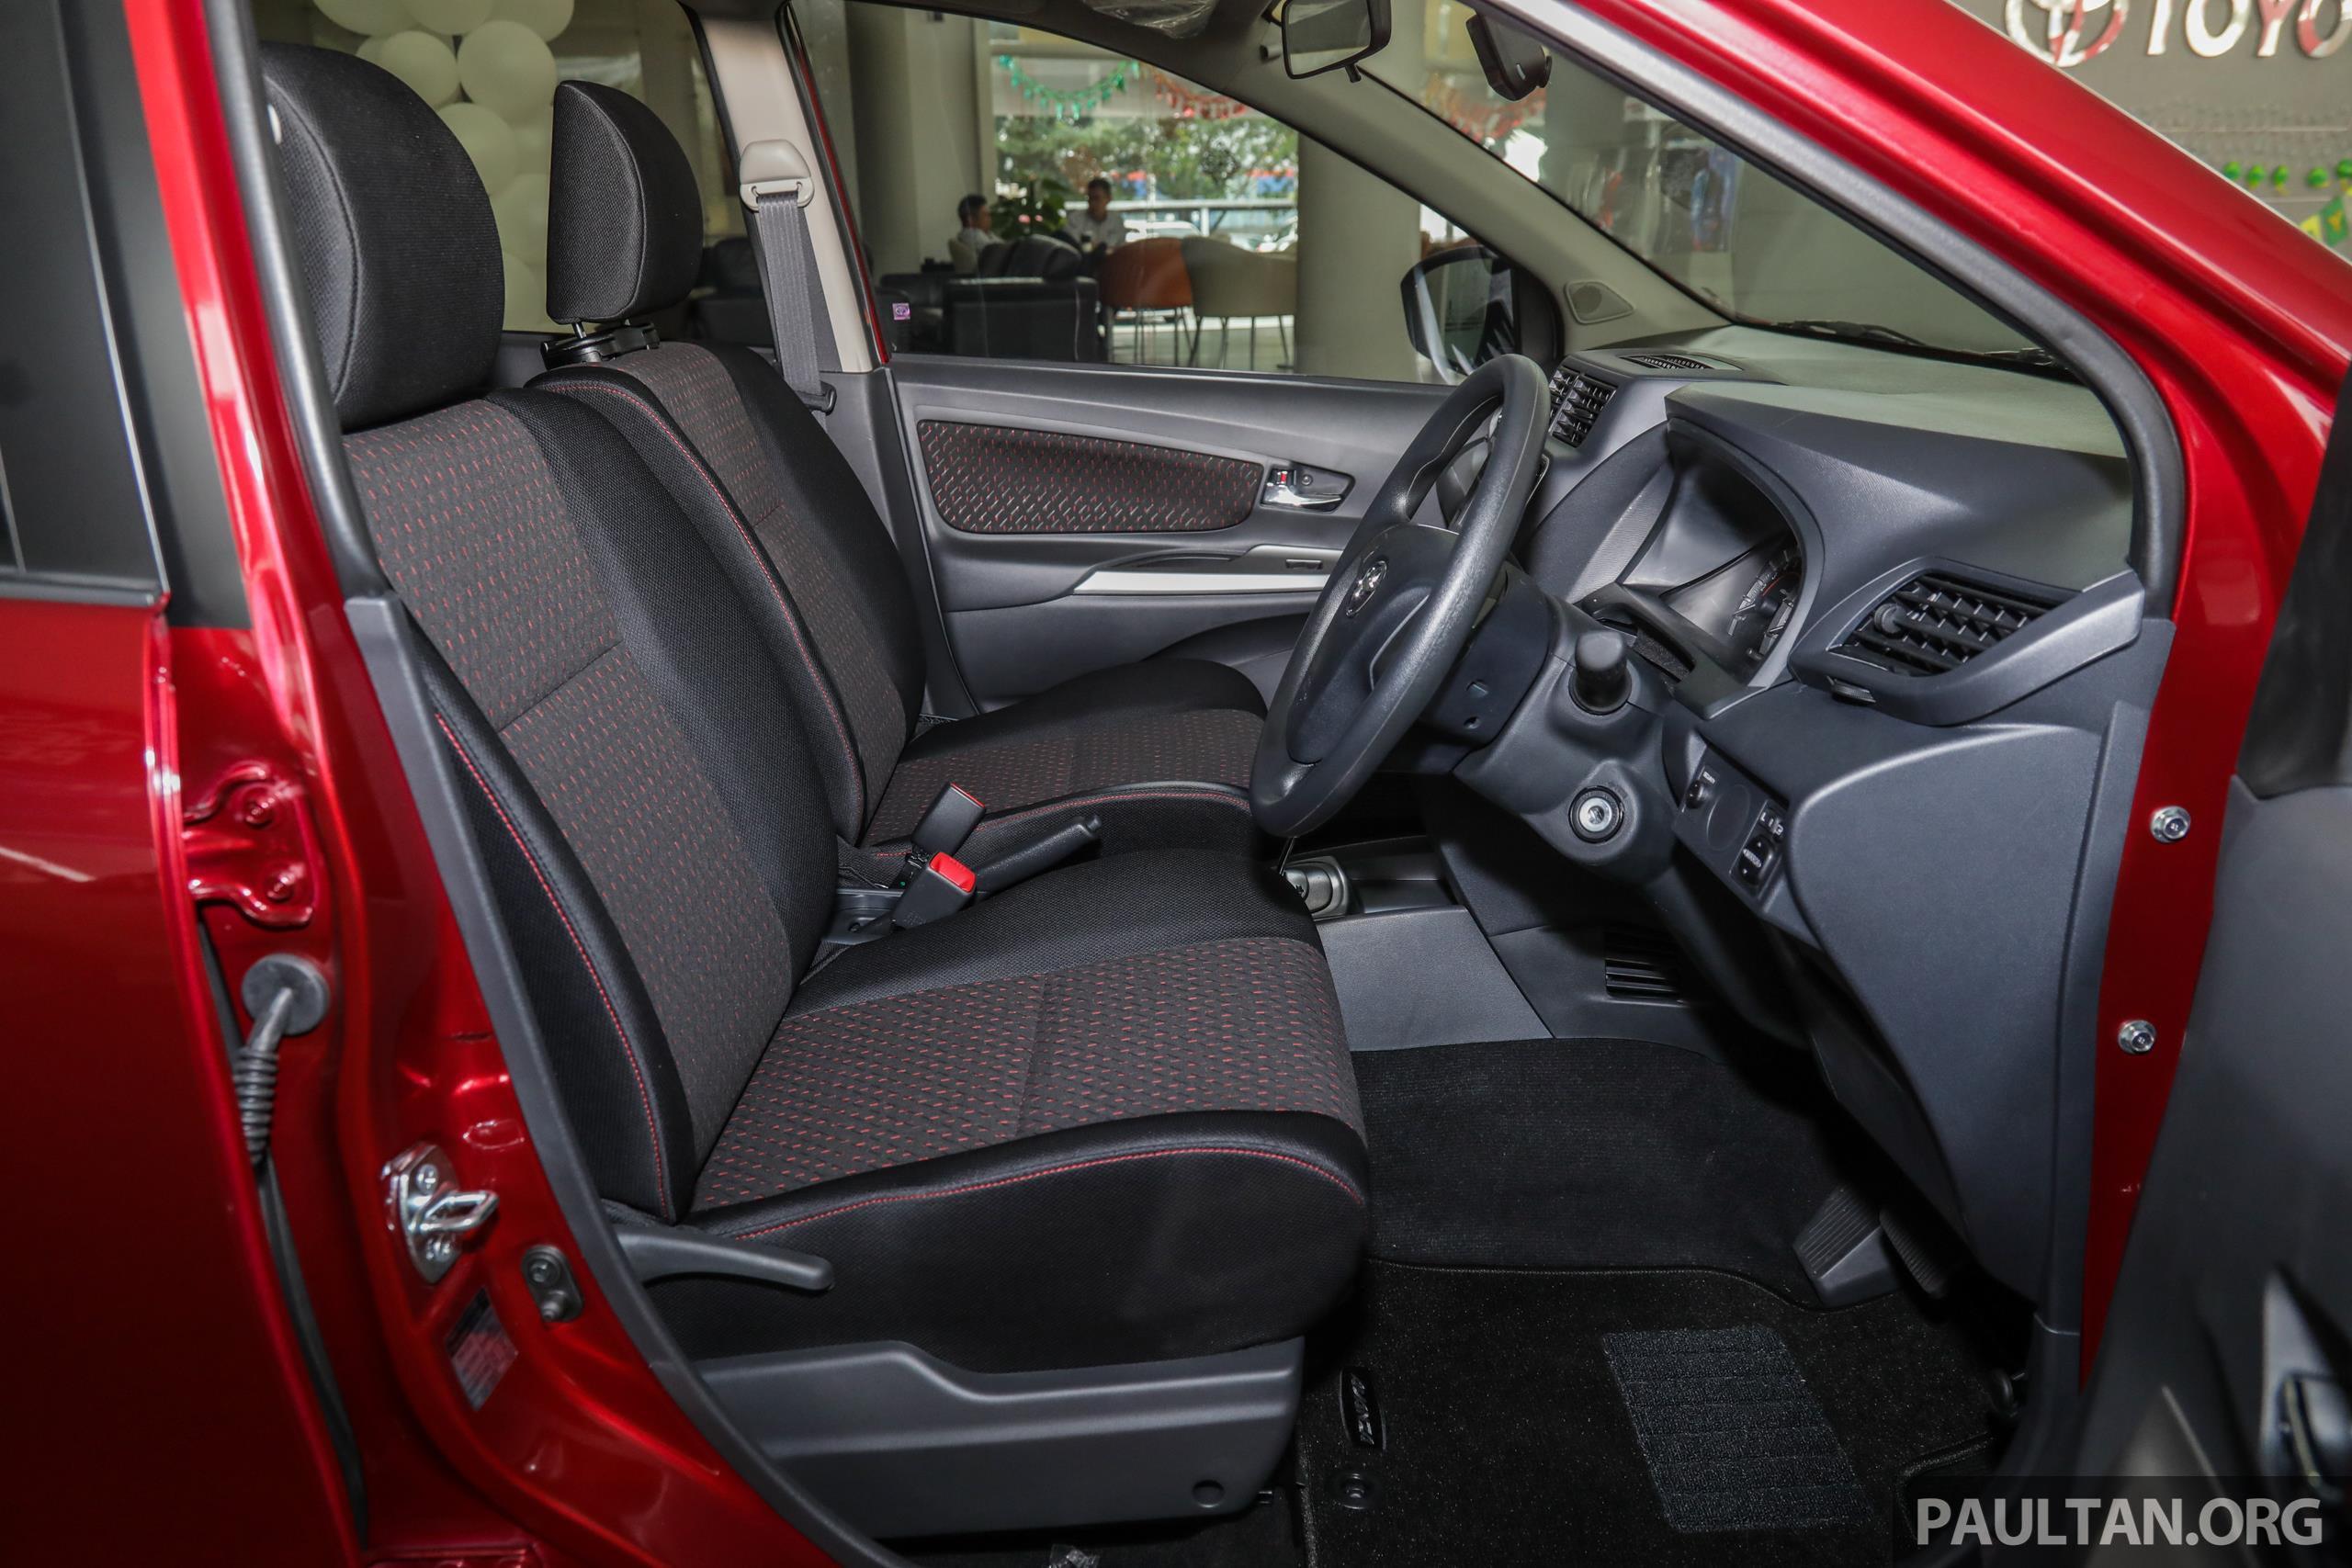 'Xe cỏ' Toyota Avanza 2019 thay đổi thiết kế, có thêm cảnh báo điểm mù Ảnh 7